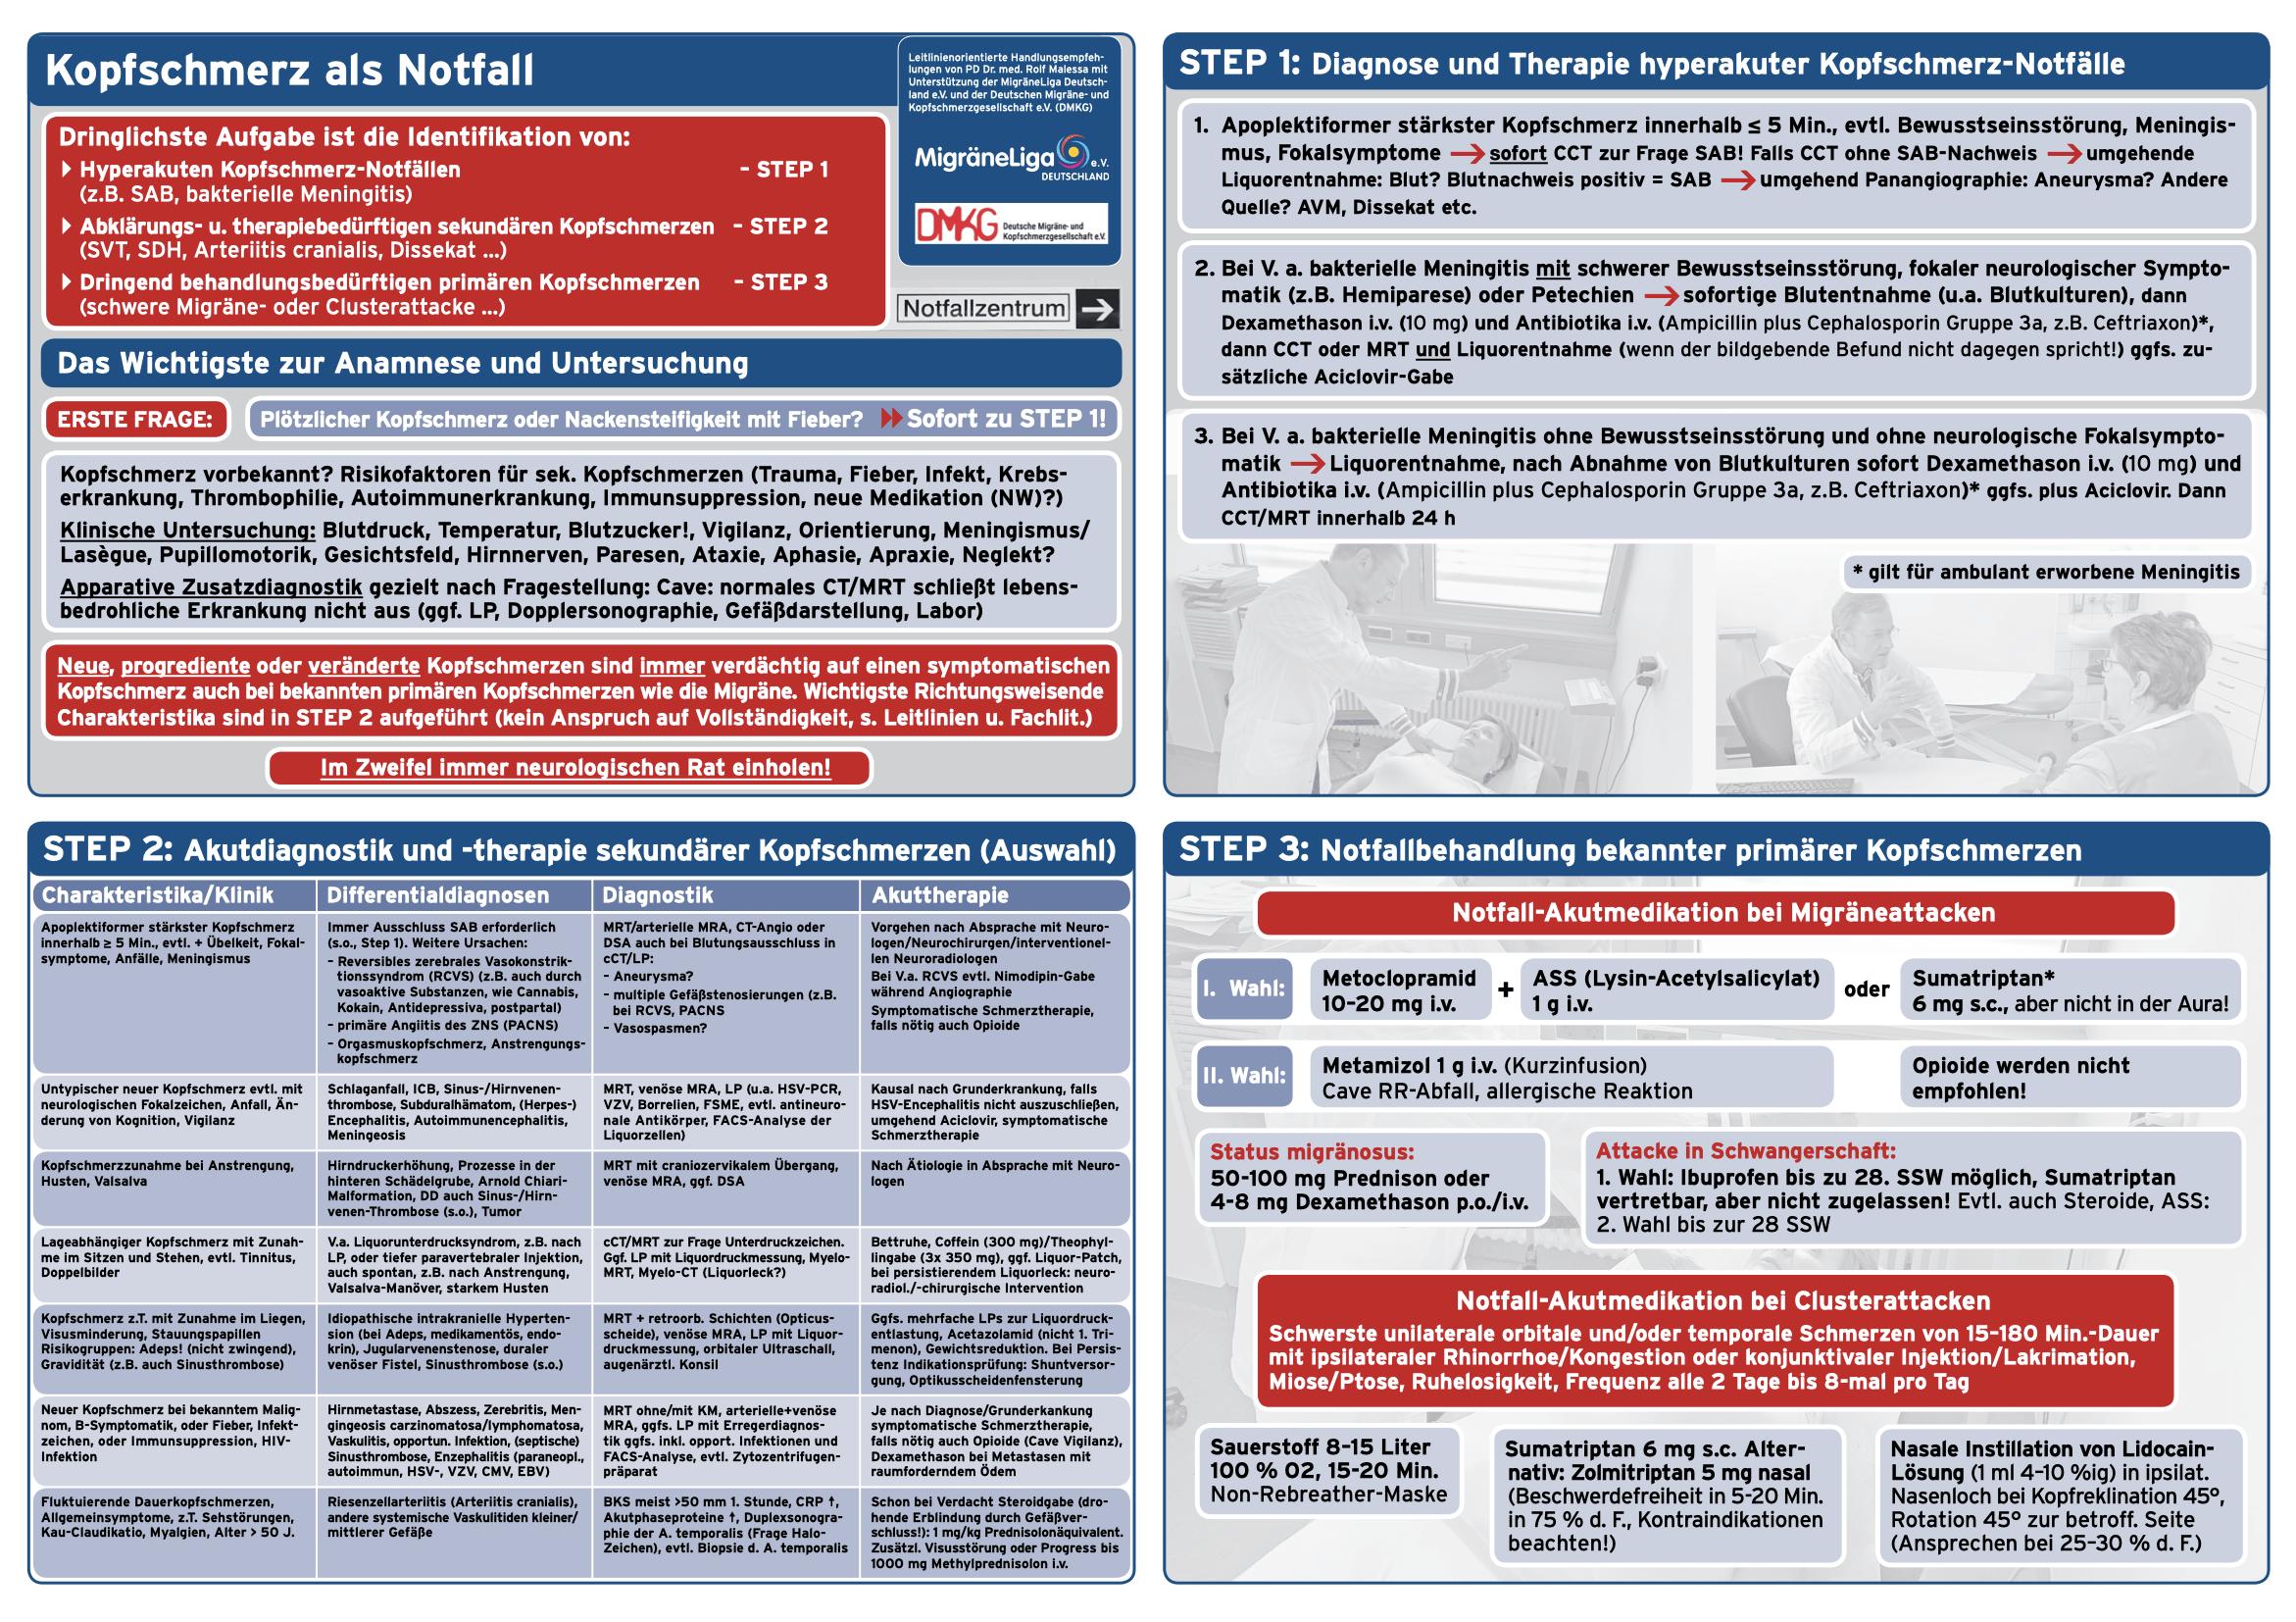 MigräneLiga Poster für Notfallambulanzen